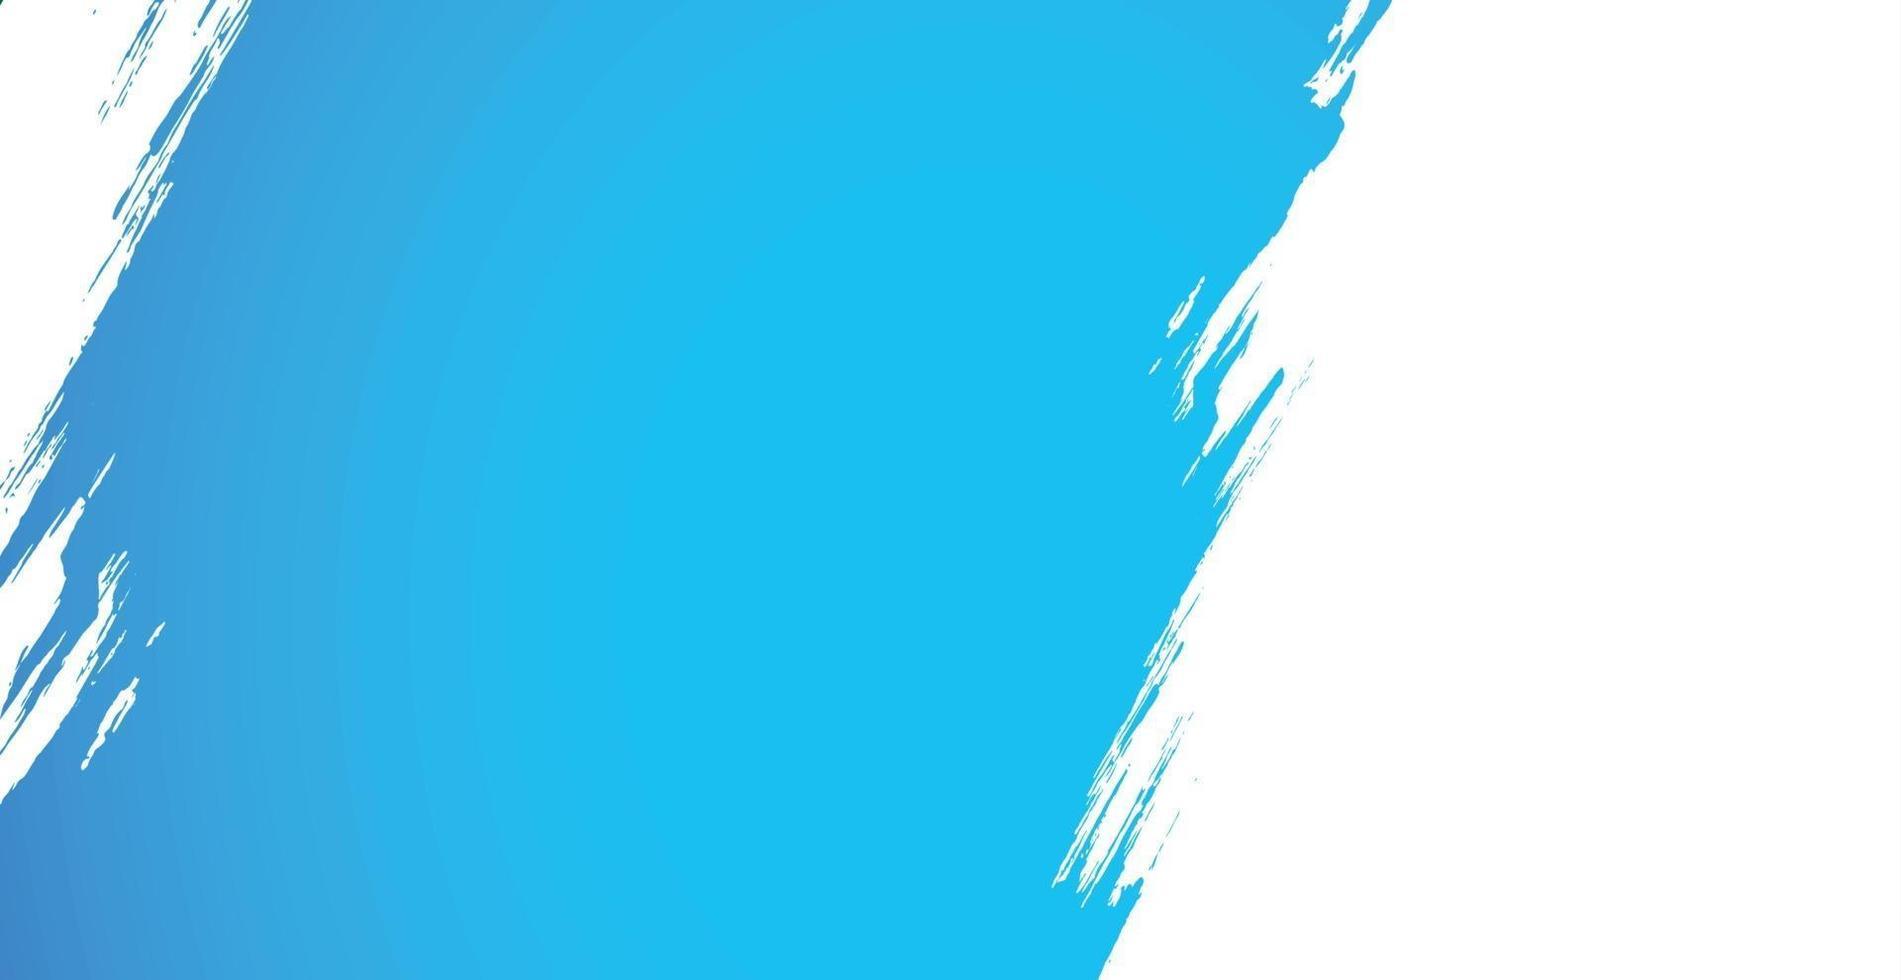 realistischer Abstrich der blauen Farbe auf weißem Hintergrund - Vektor